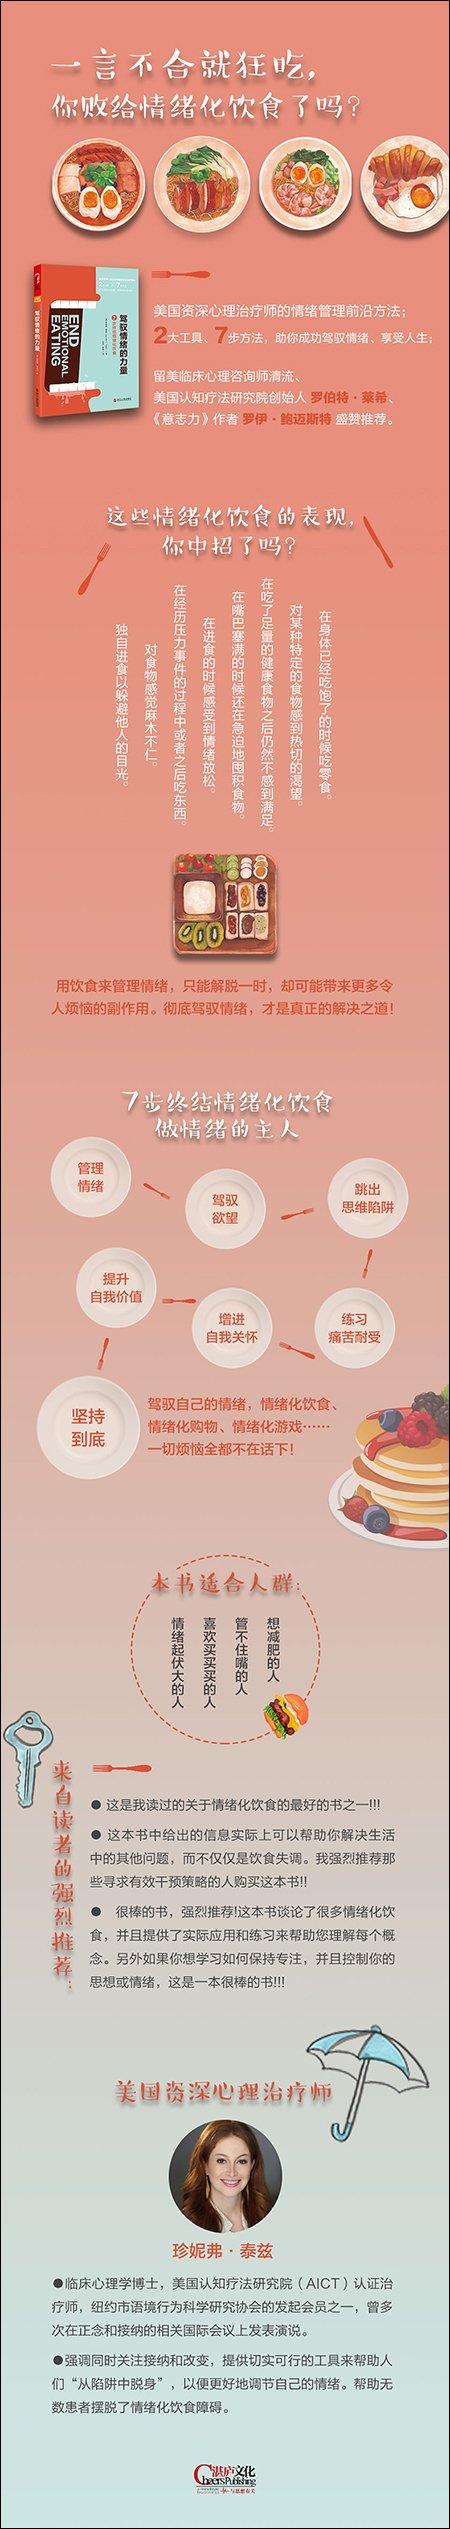 驾驭情绪的力量:7步终结情绪化饮食kindle电子书